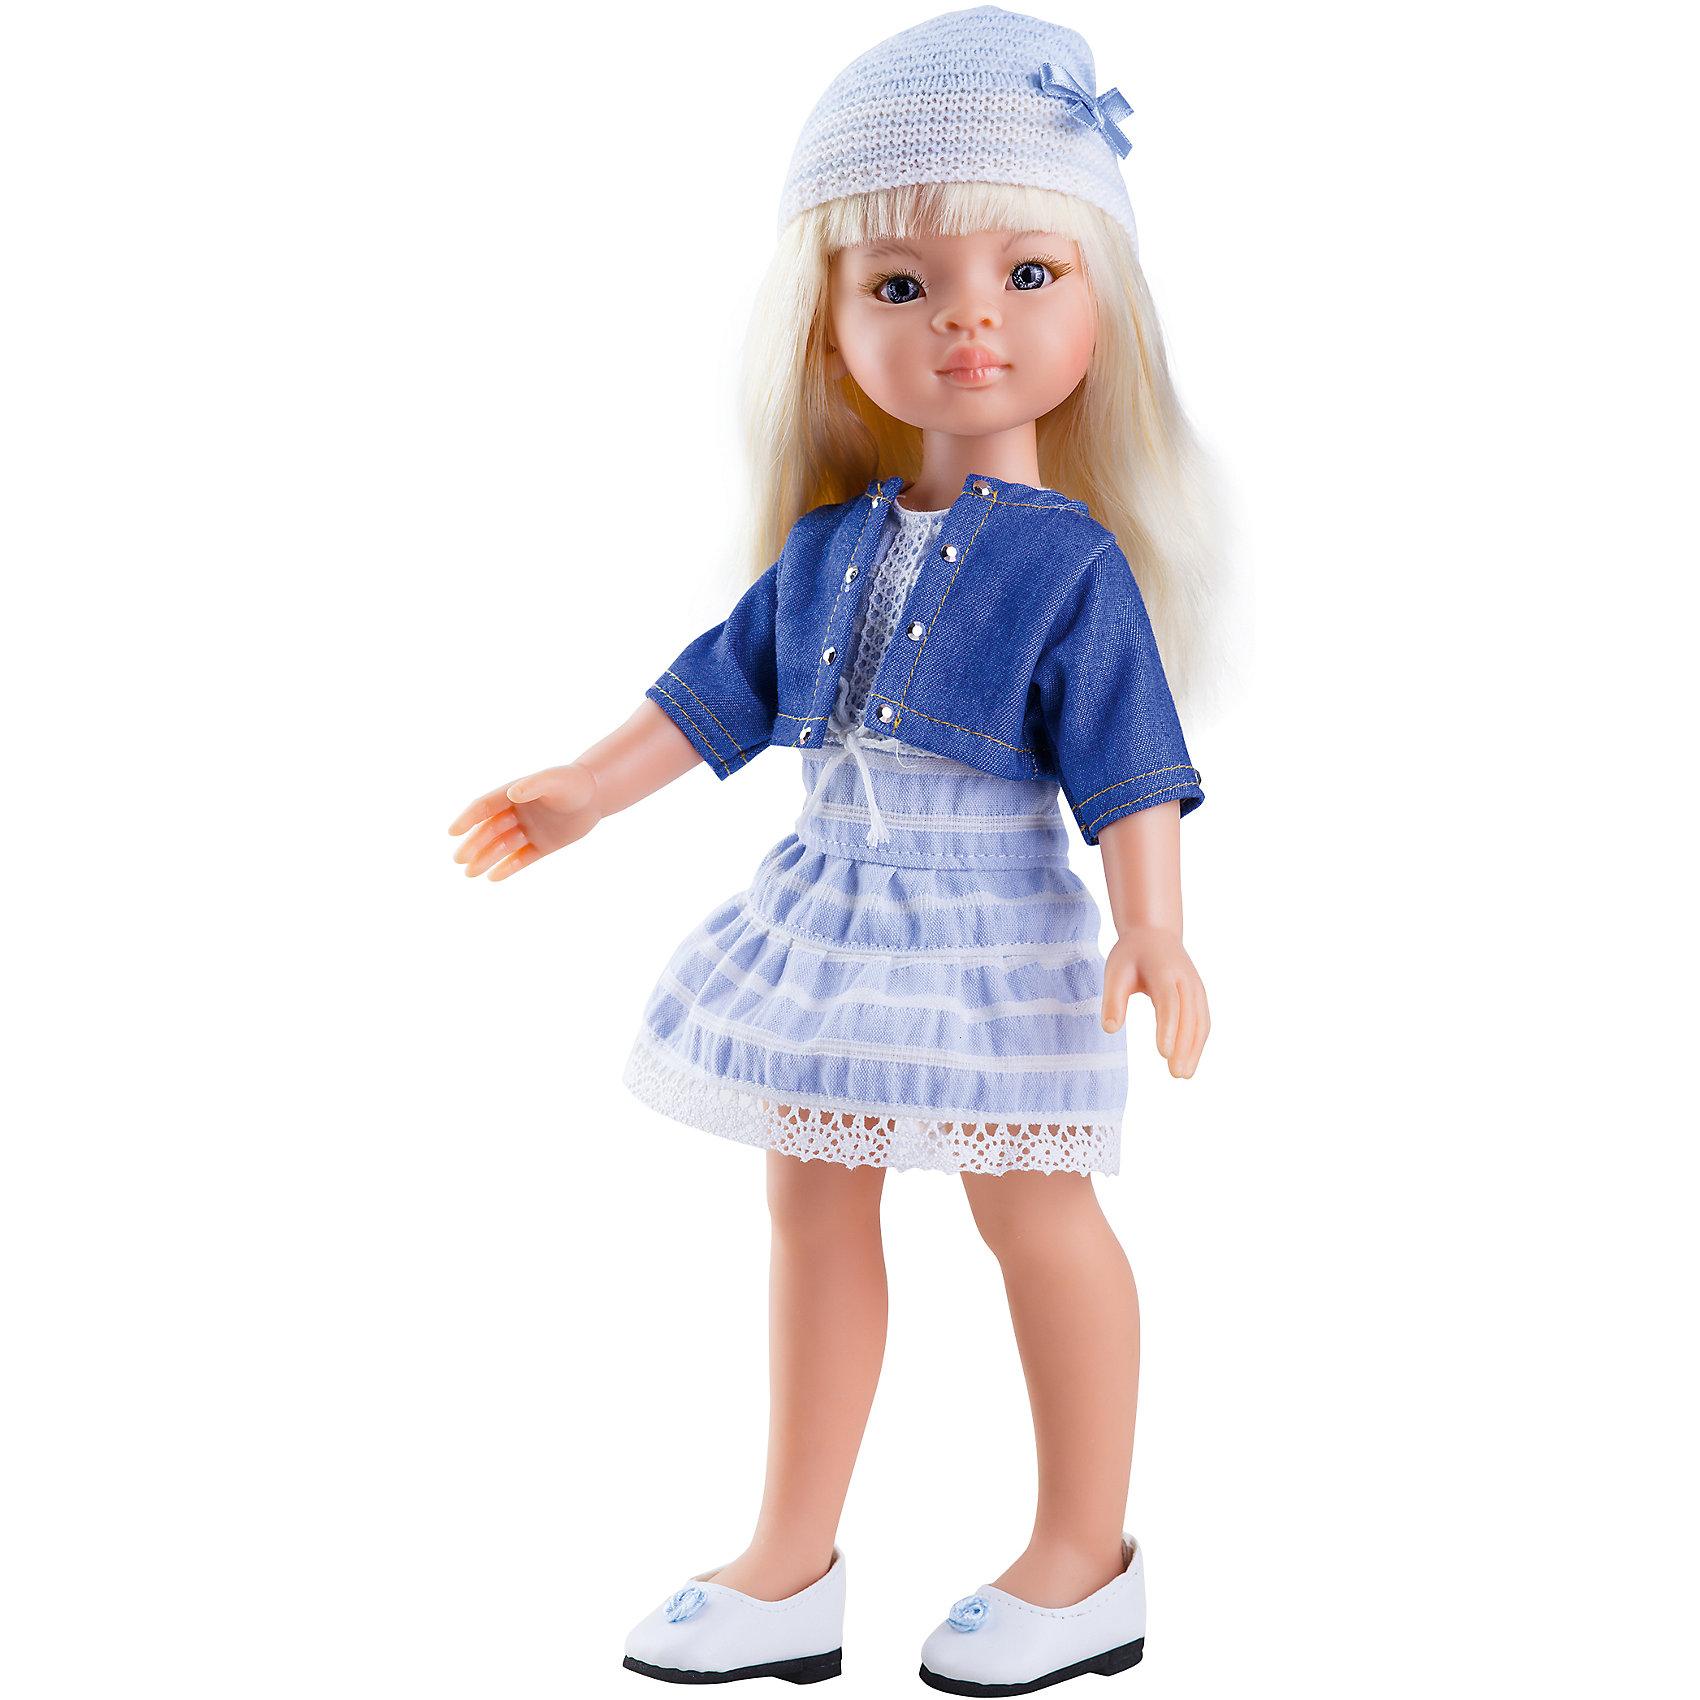 Кукла Маника, 32 см, Paola ReinaКуклы<br>Кукла Маника, 32 см, Paola Reina.<br><br>Характеристики:<br><br>• Для детей в возрасте: от 3 лет<br>• Высота куклы: 32 см.<br>• Глаза не закрываются<br>• Дизайн одежды и обуви — Светланы Кривец<br>• Материалы: кукла изготовлена из винила; глаза выполнены в виде кристалла из прозрачного твердого пластика; волосы сделаны из высококачественного нейлона; наряд выполнен из качественного текстиля<br>• Упаковка: красивая картонная коробка с окошком<br><br>Кукла Маника, Paola Reina- это очаровательная блондинка, которая станет любимой подружкой для вашей девочки. У куклы густые длинные волосы, которые собраны в два хвостика, выполненные из нейлона высокого качества и надёжно прошитые. Волосы блестят, не запутываются. Ваша девочка с легкостью может расчесывать куклу, мыть ей голову, при этом волосы не портятся и не выпадают. <br><br>Лицо куклы выглядит очень правдоподобно за счет тщательно проработанных черт. Большие глаза с длинными ресничками, легкий румянец на щечках, курносый носик и аккуратные губки – Маника завораживает. Глаза куклы не закрываются. <br><br>Маника одета очень красиво и стильно: на ней модное платье небесного цвета, короткая курточка, а дополняет образ куклы шапочка с бантиком. На ножках у куклы белые туфельки. Одежду можно снимать. <br><br>Кукла имеет пропорциональное телосложение. Голова, руки и ноги подвижны. Тело куклы выполнено из приятного на ощупь нежного бархатистого высококачественного винила, который имеет лёгкий аромат ванили. <br><br>Материалы, из которых изготовлена кукла, прошли все необходимые проверки на безопасность для детей. Качество подтверждено нормами безопасности EN71 ЕЭС.<br><br>Куклу Маника, 32 см, Paola Reina можно купить в нашем интернет-магазине.<br><br>Ширина мм: 375<br>Глубина мм: 175<br>Высота мм: 105<br>Вес г: 625<br>Возраст от месяцев: 36<br>Возраст до месяцев: 144<br>Пол: Женский<br>Возраст: Детский<br>SKU: 6671051